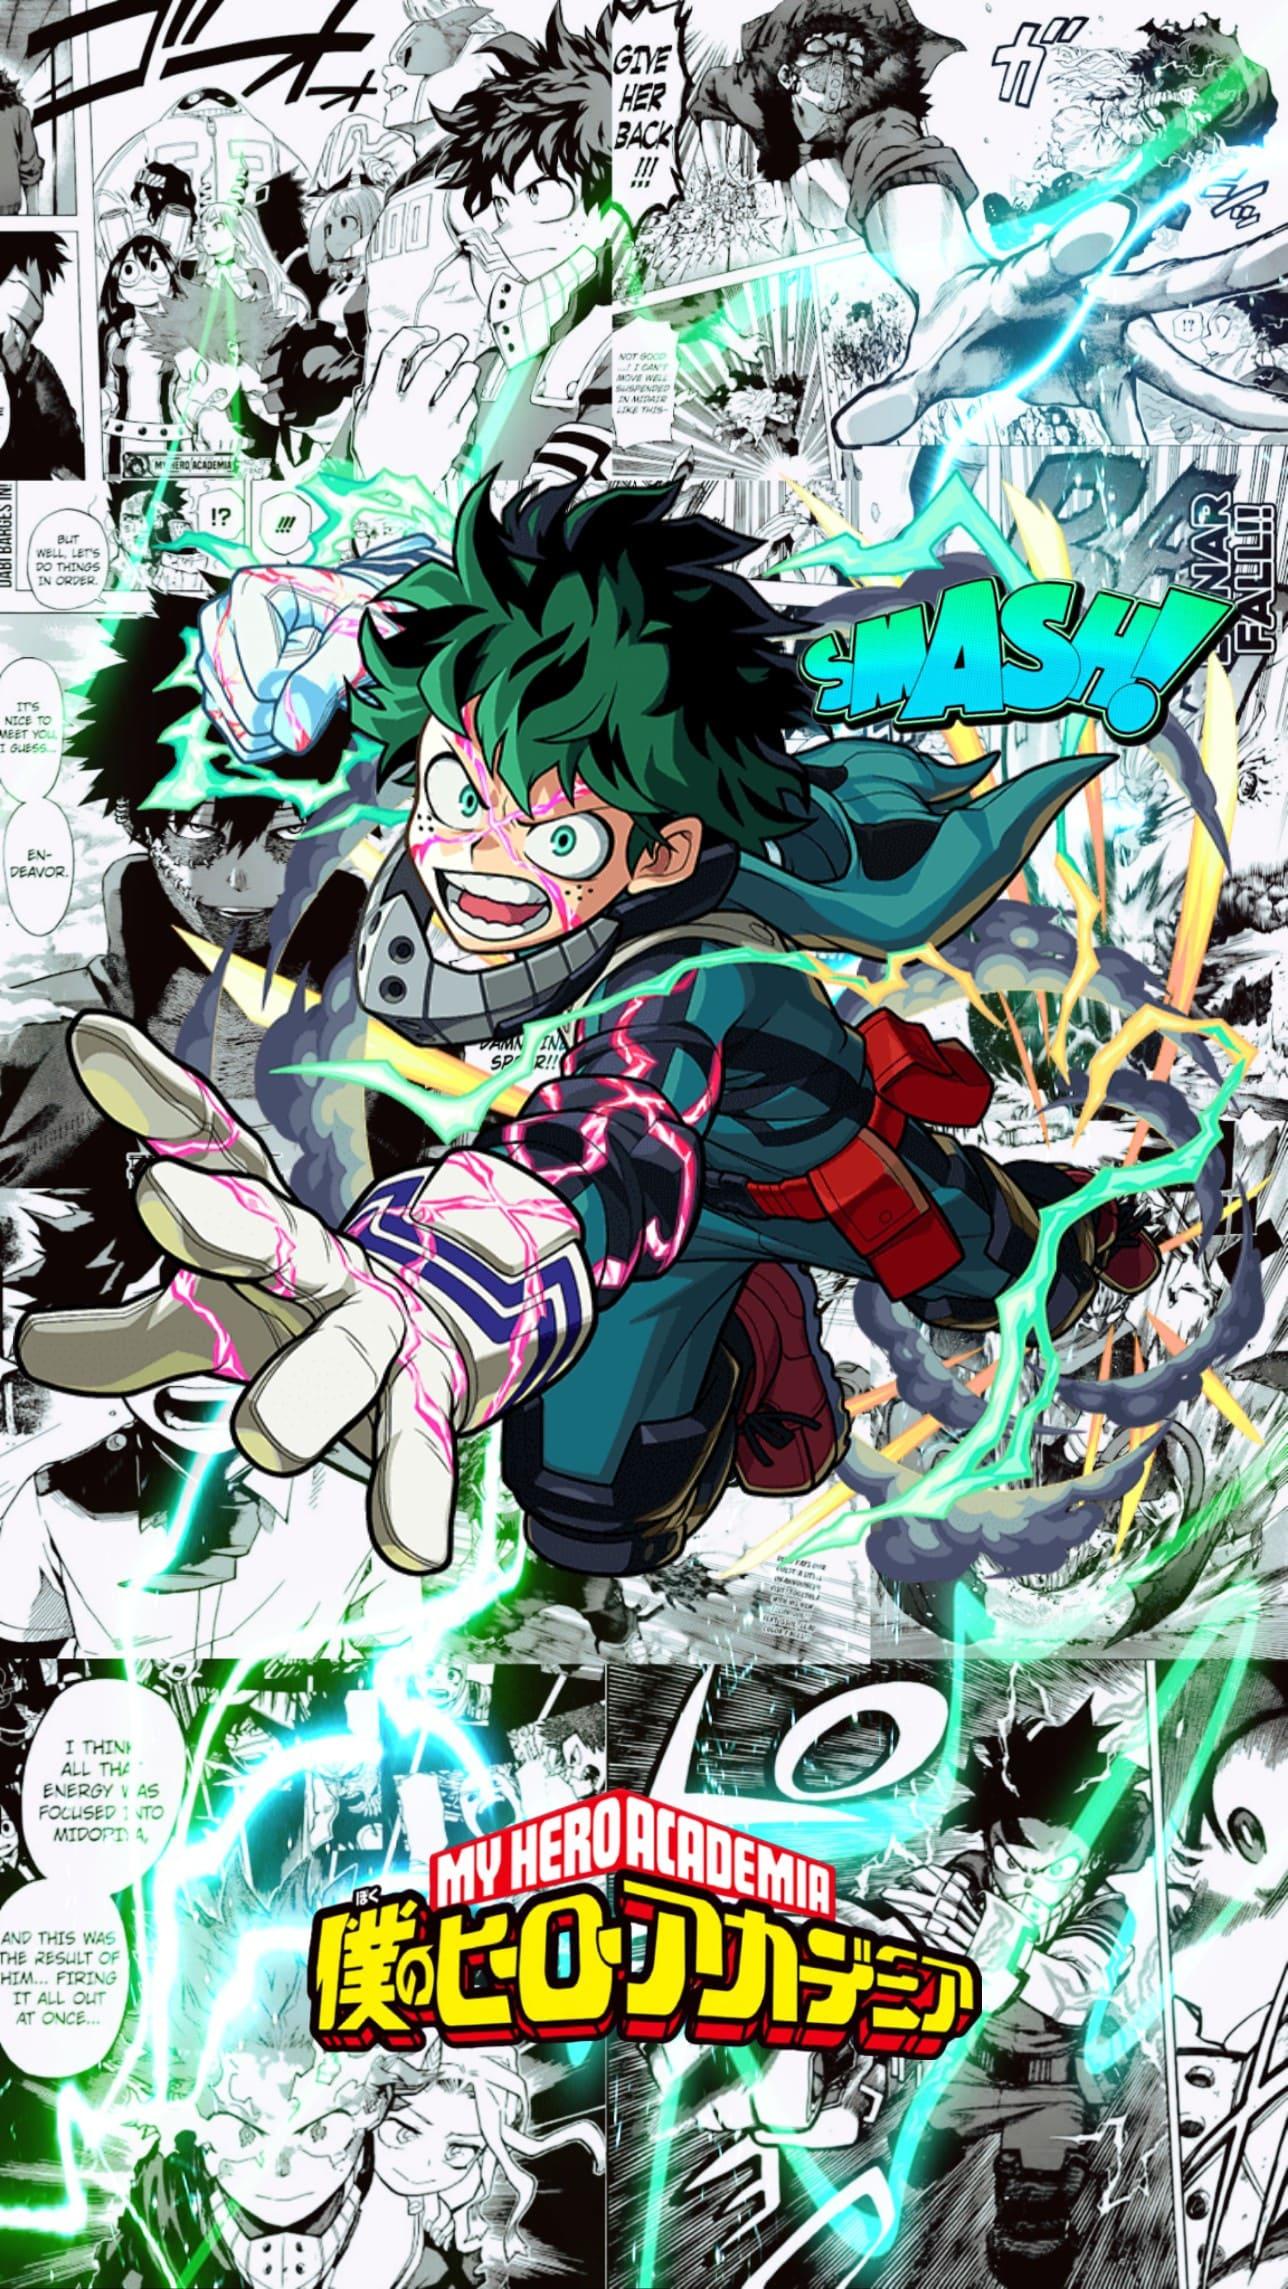 My Hero Academia Wallpapers - Top 65 Best My Hero Academia ...